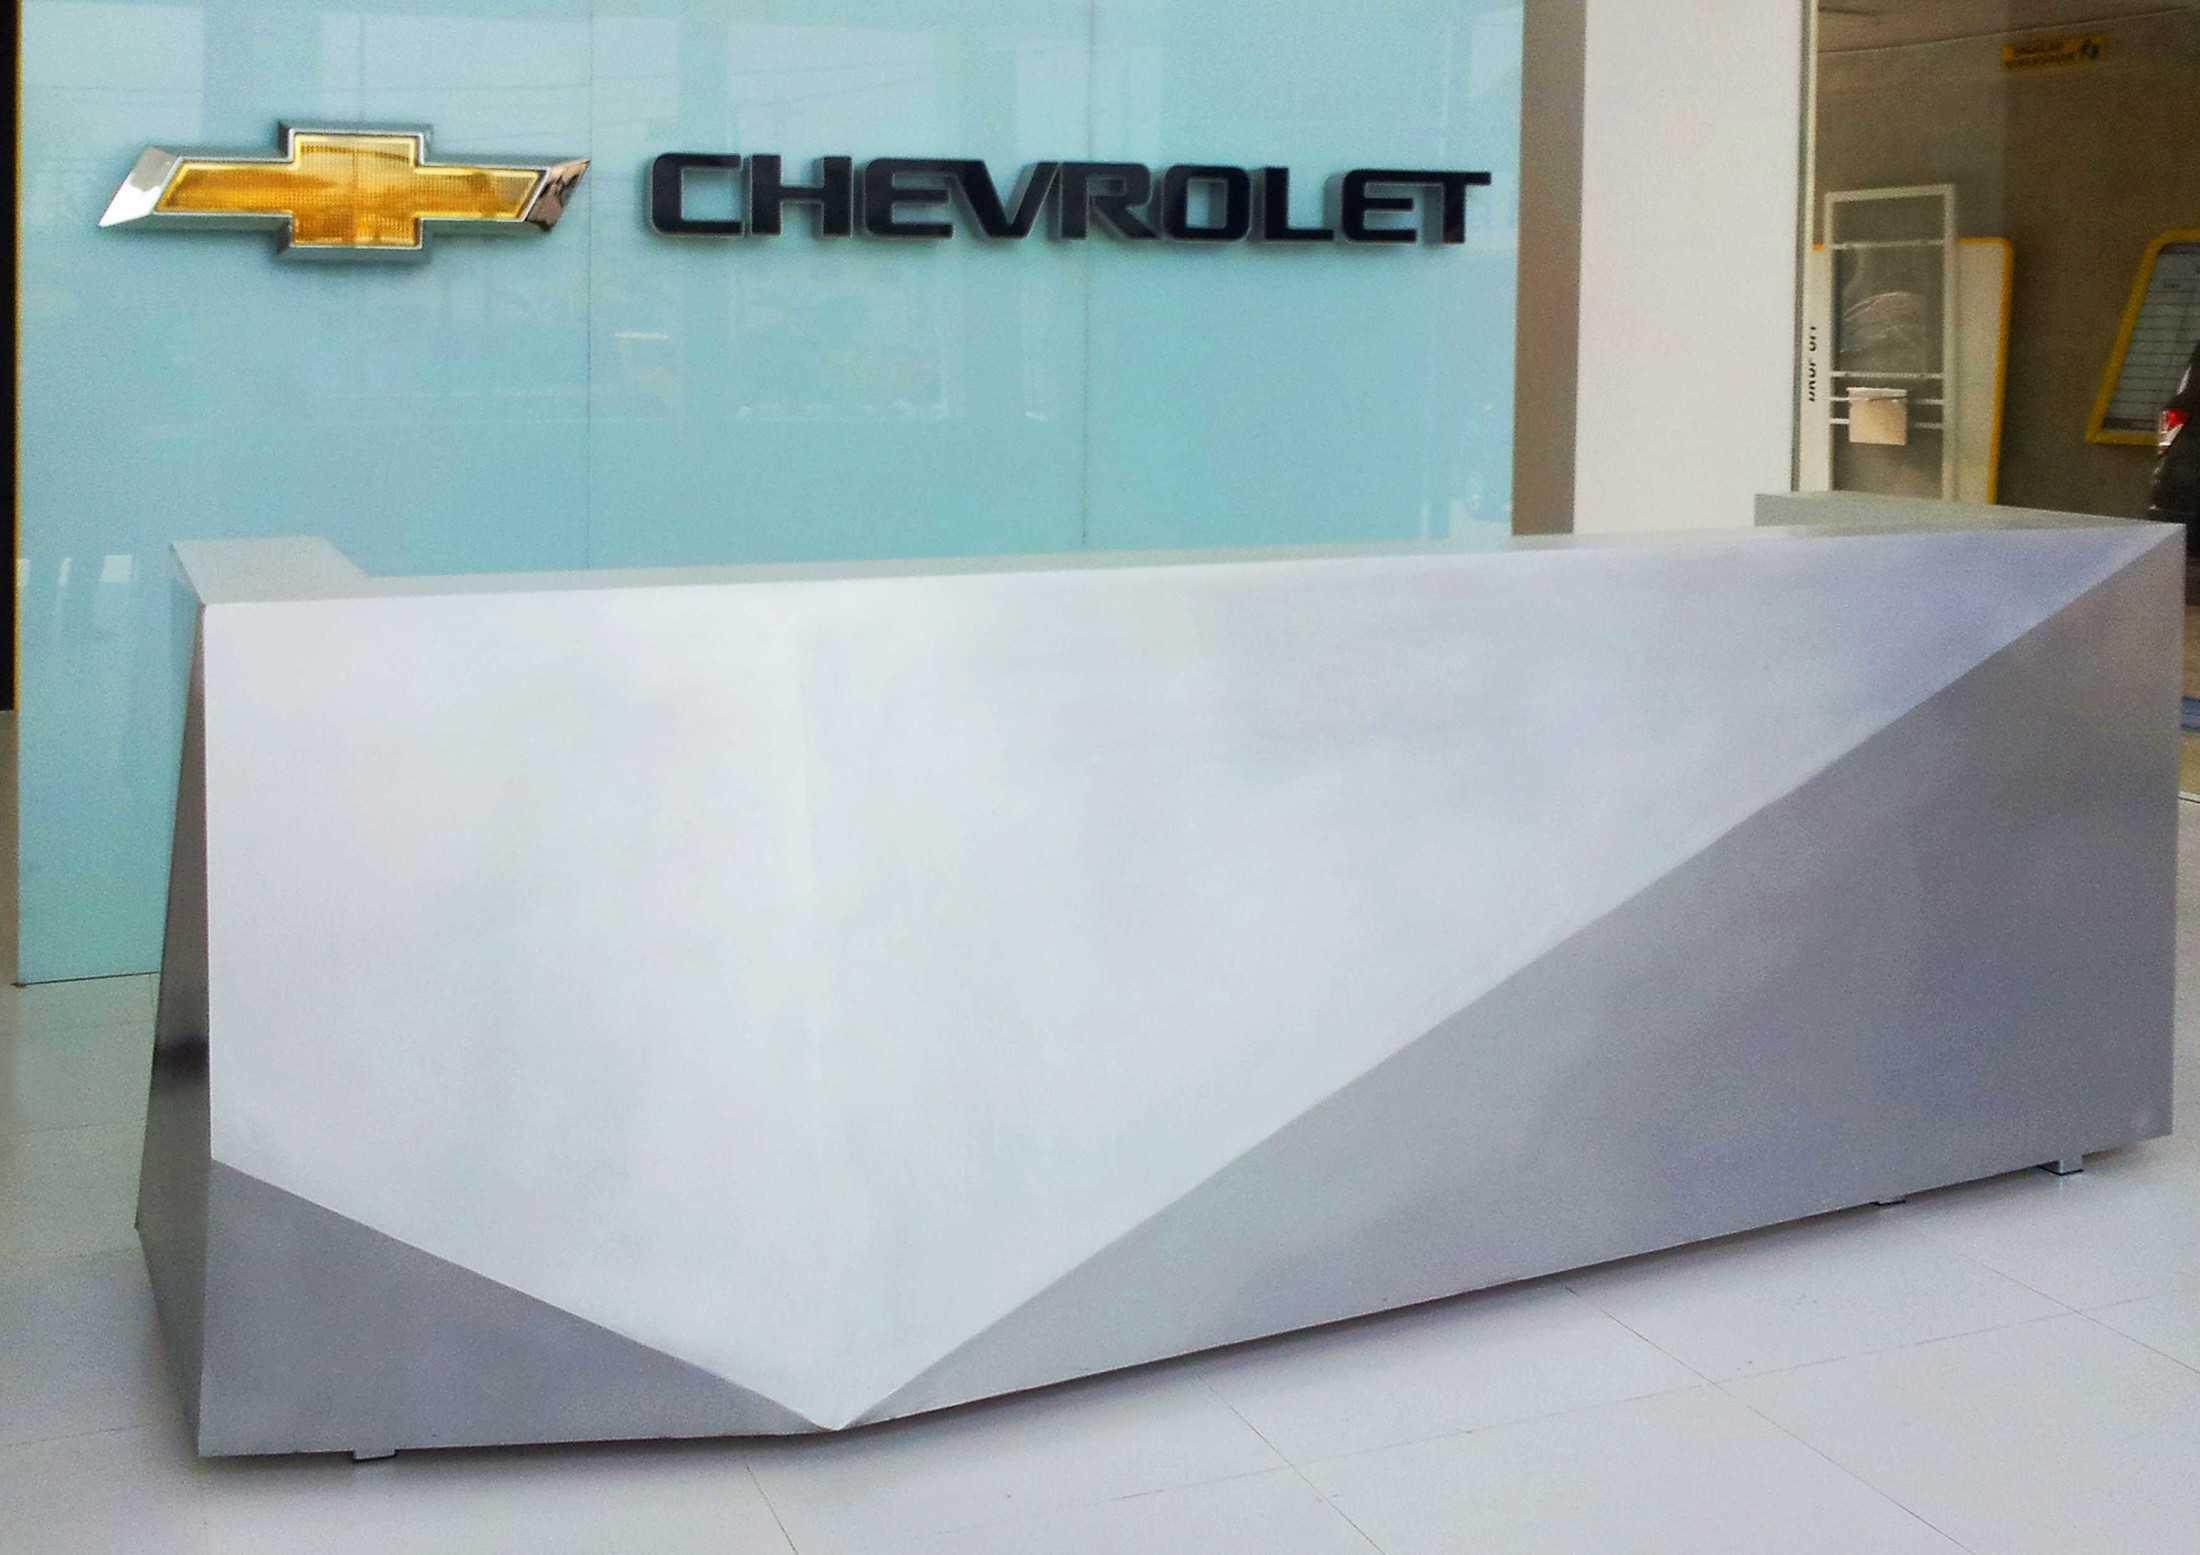 P   R   A   M   U   D   Y   A Chevrolet Showroom Bekasi, Kota Bks, Jawa Barat, Indonesia Bekasi, Kota Bks, Jawa Barat, Indonesia P-R-A-M-U-D-Y-A-Chevrolet-Showroom  134741